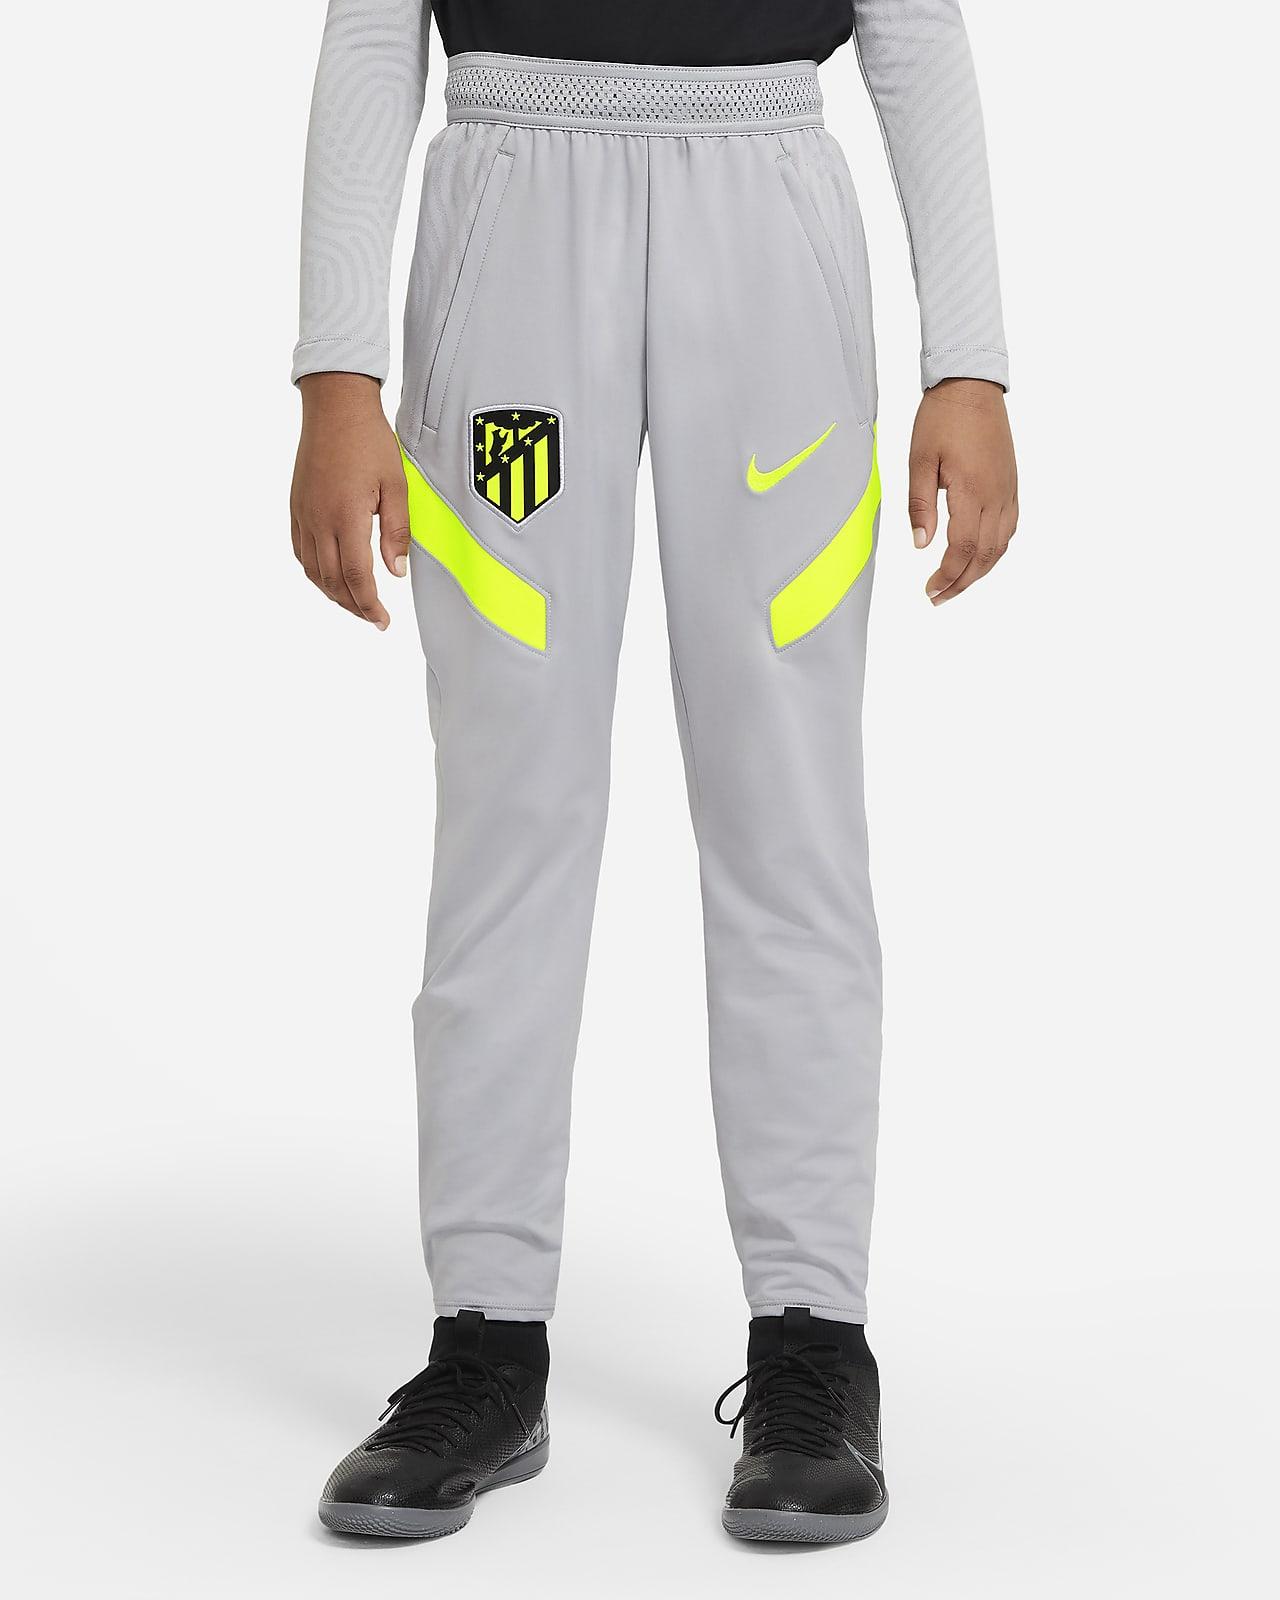 Pantalones de fútbol para niño talla grande Atlético de Madrid Strike